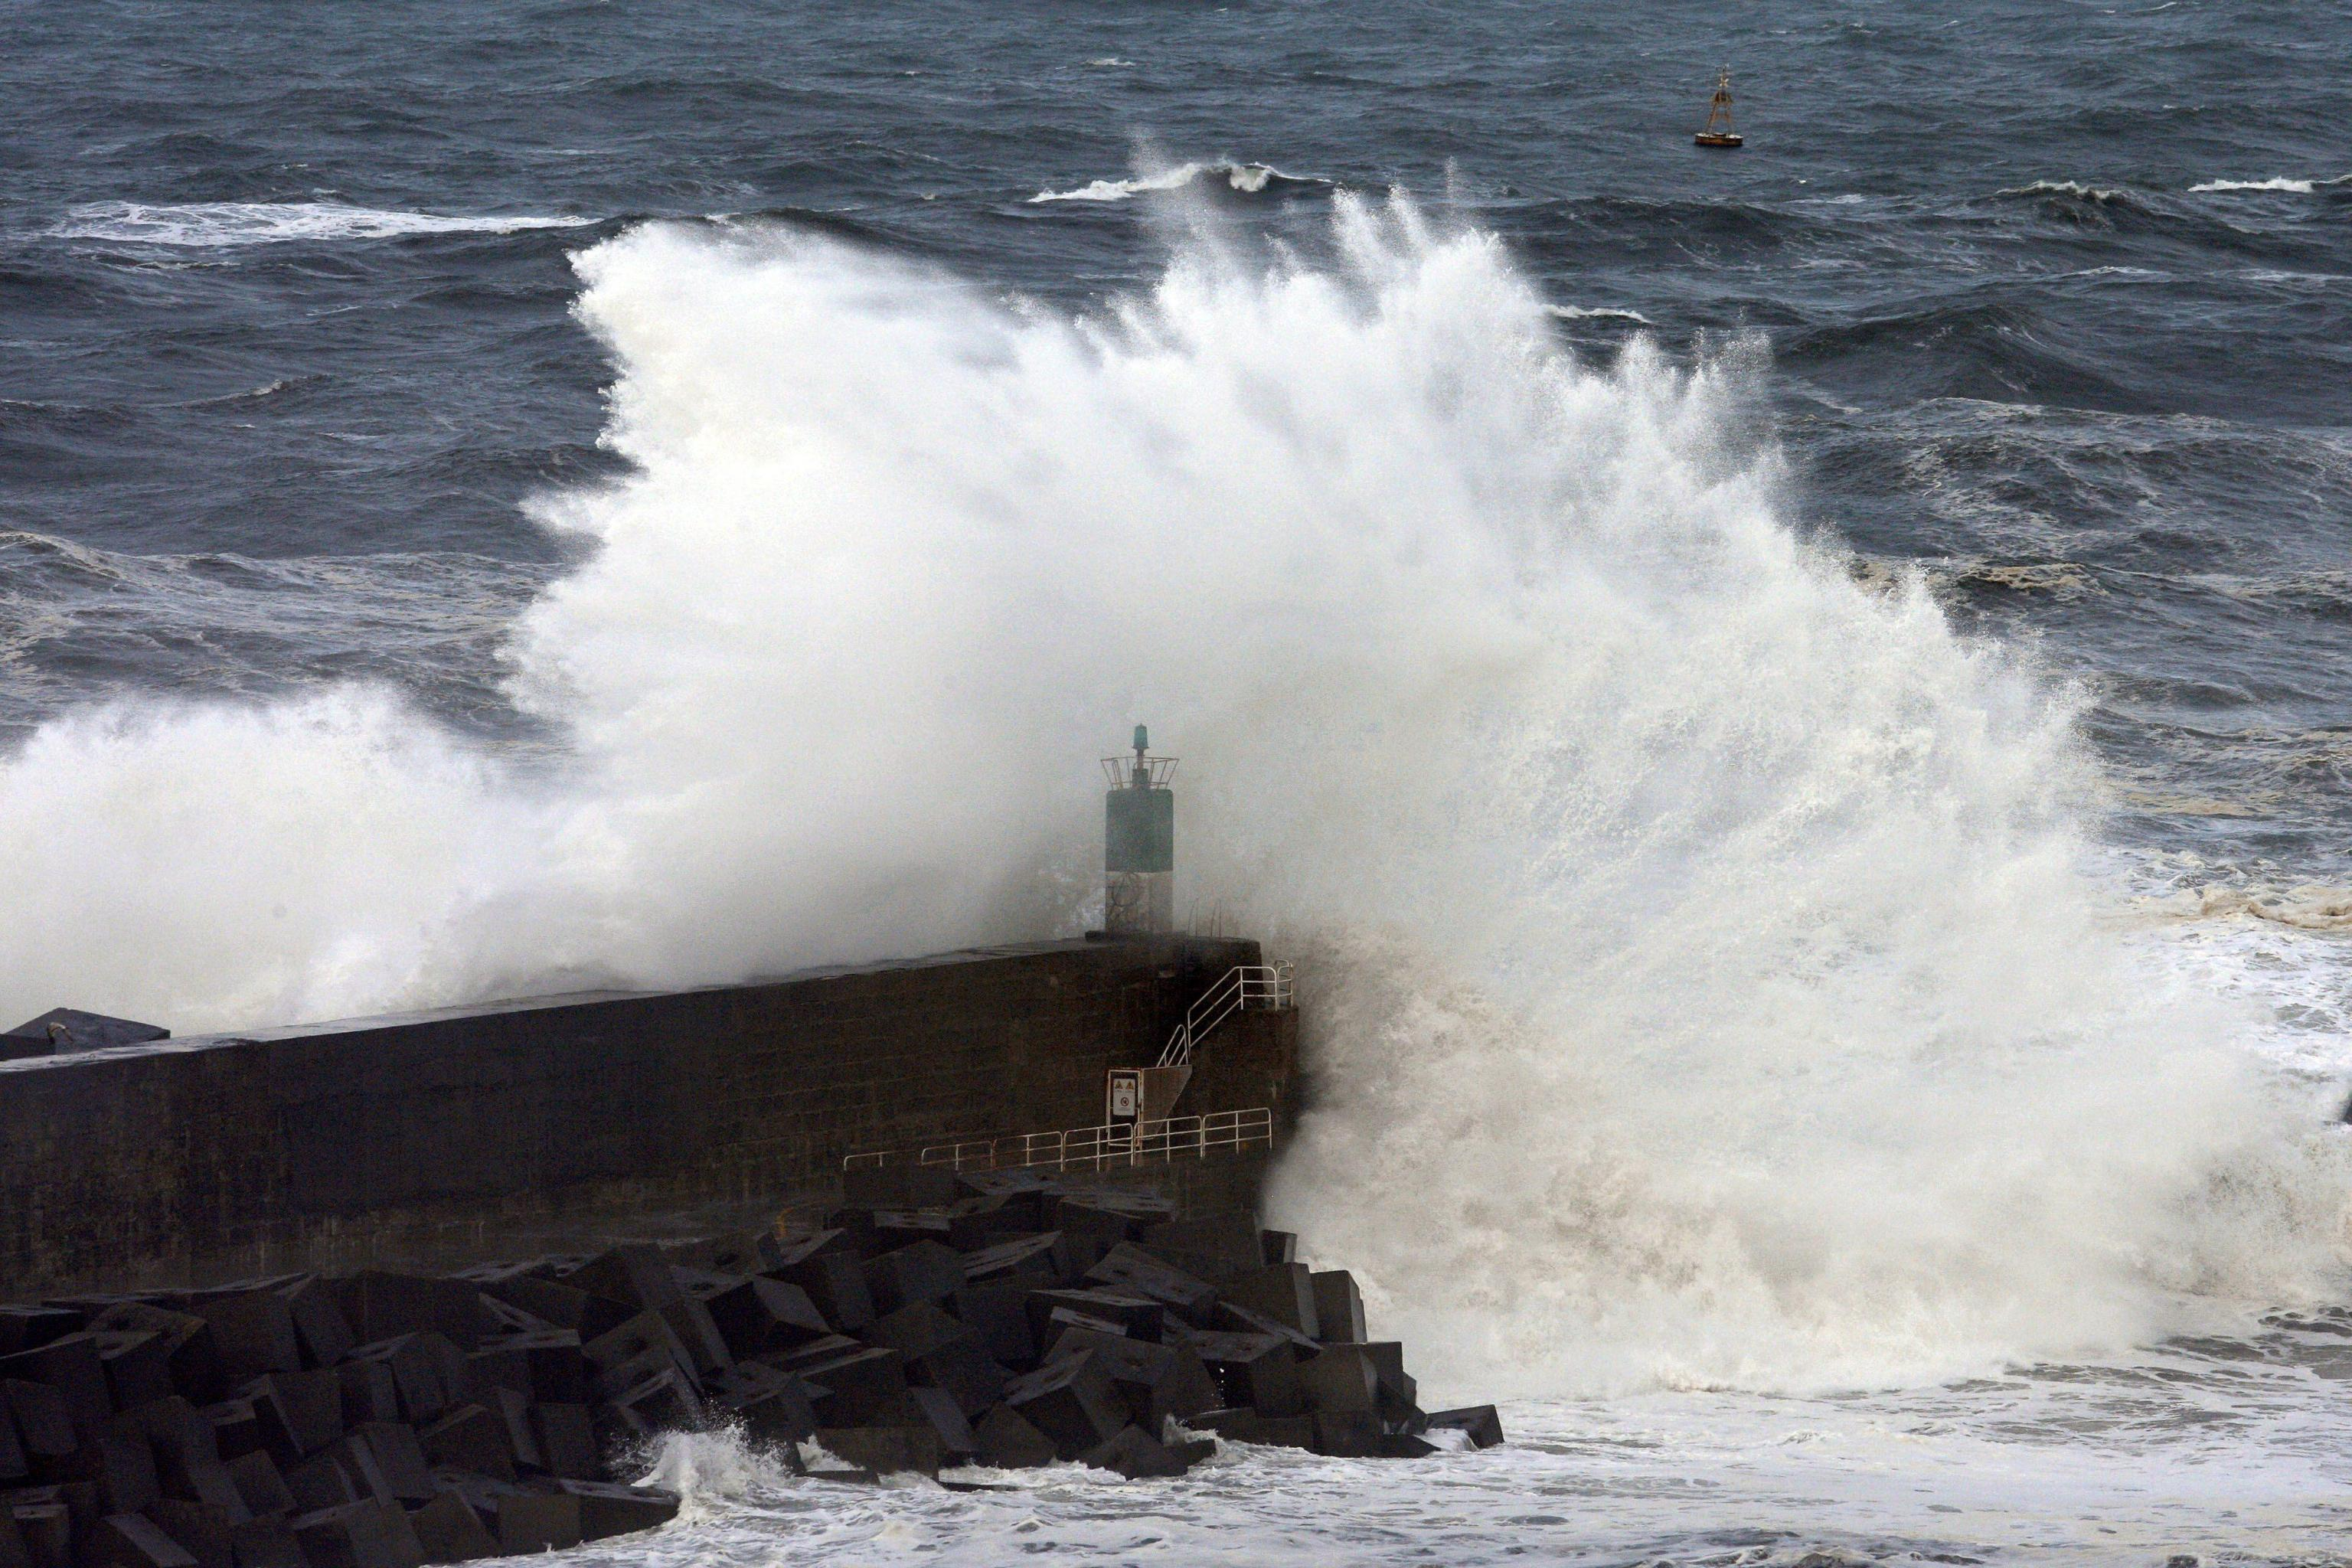 Mare molto mosso e forte vento: isolato arcipelago eoliano